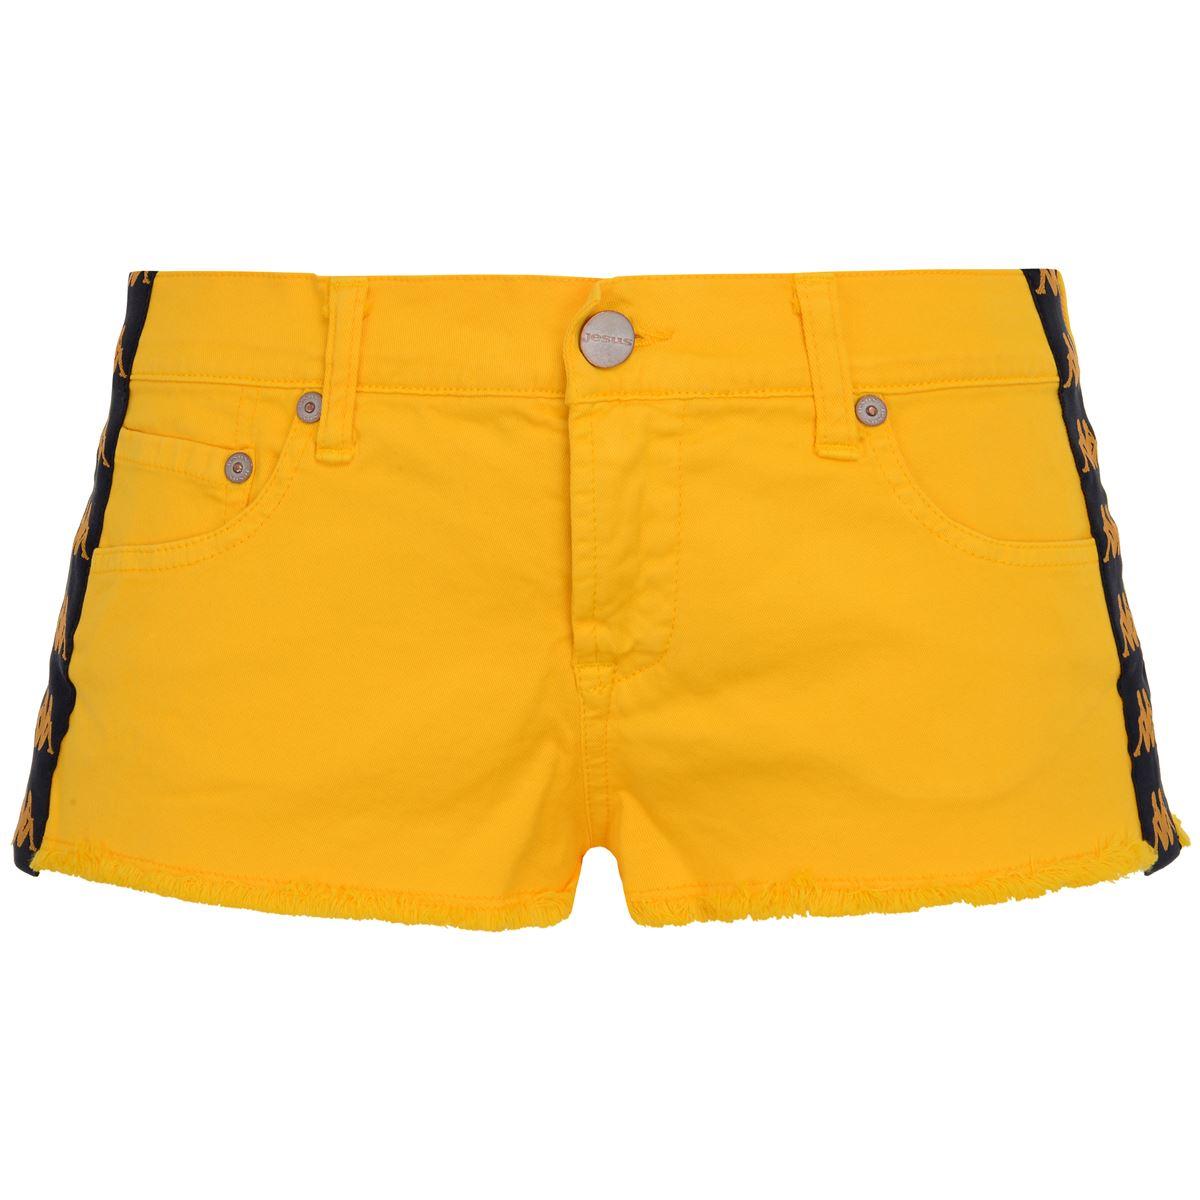 Pantaloncini Jesus Jeans donna-4511BDWKPA